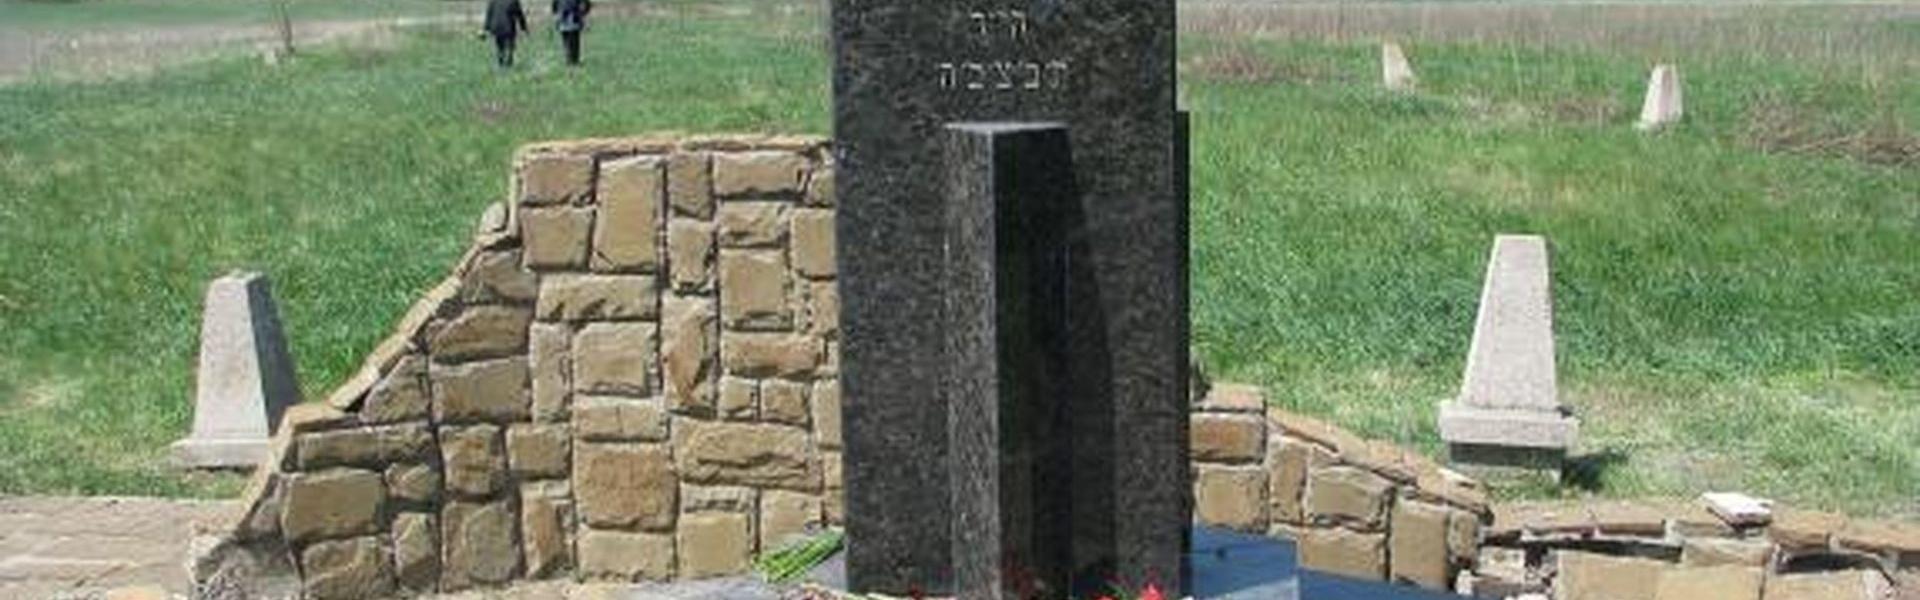 Место массового расстрела евреев в Крыму оградят от «черных копателей»